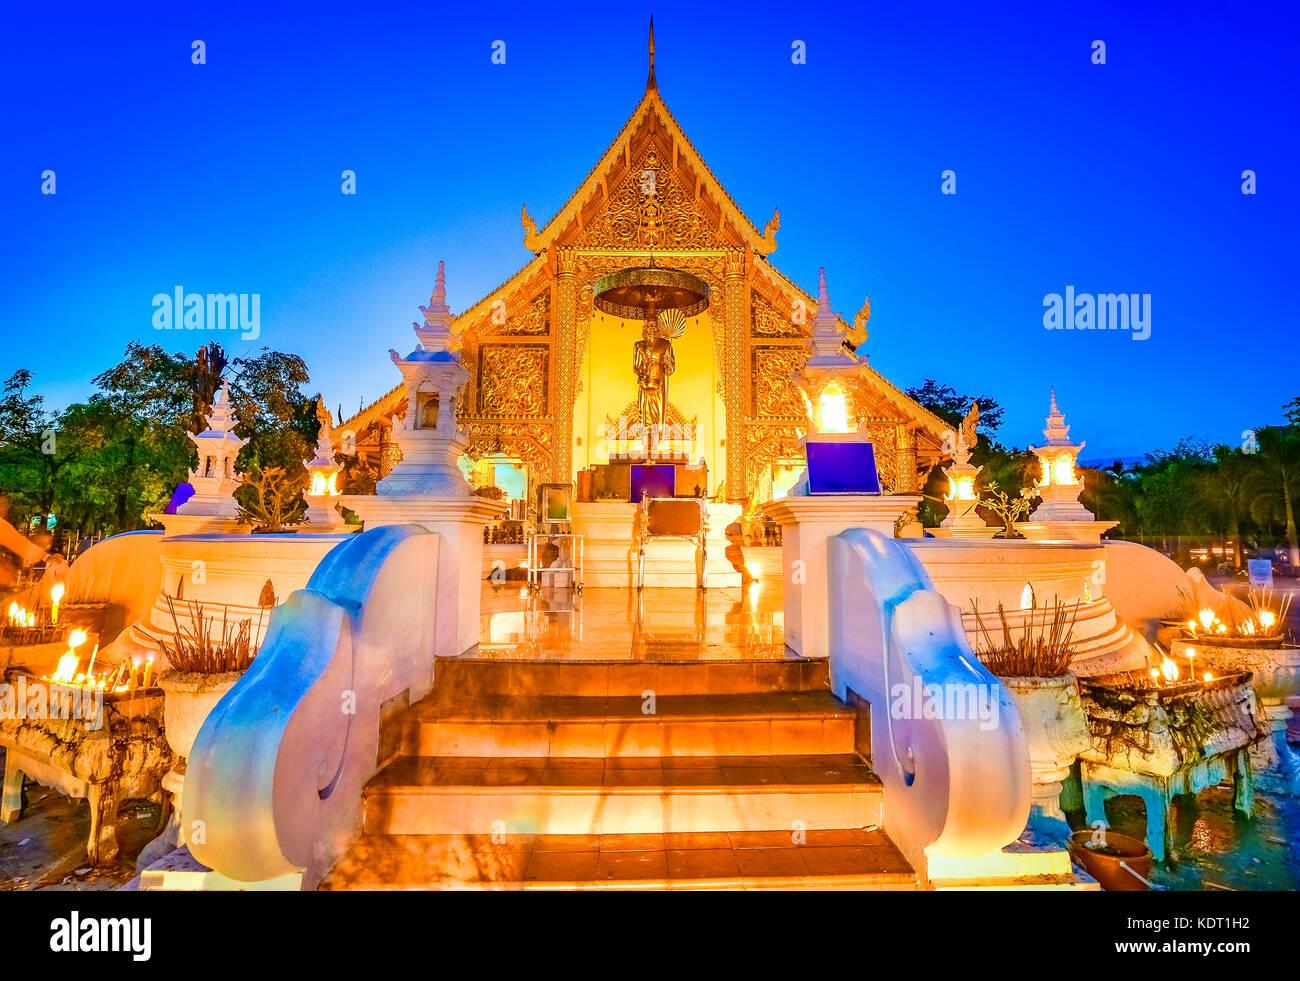 Wat Phra Singh Woramahaviharn situada en la parte occidental del viejo centro de la ciudad de Chiang Mai, Tailandia, Asia Foto de stock